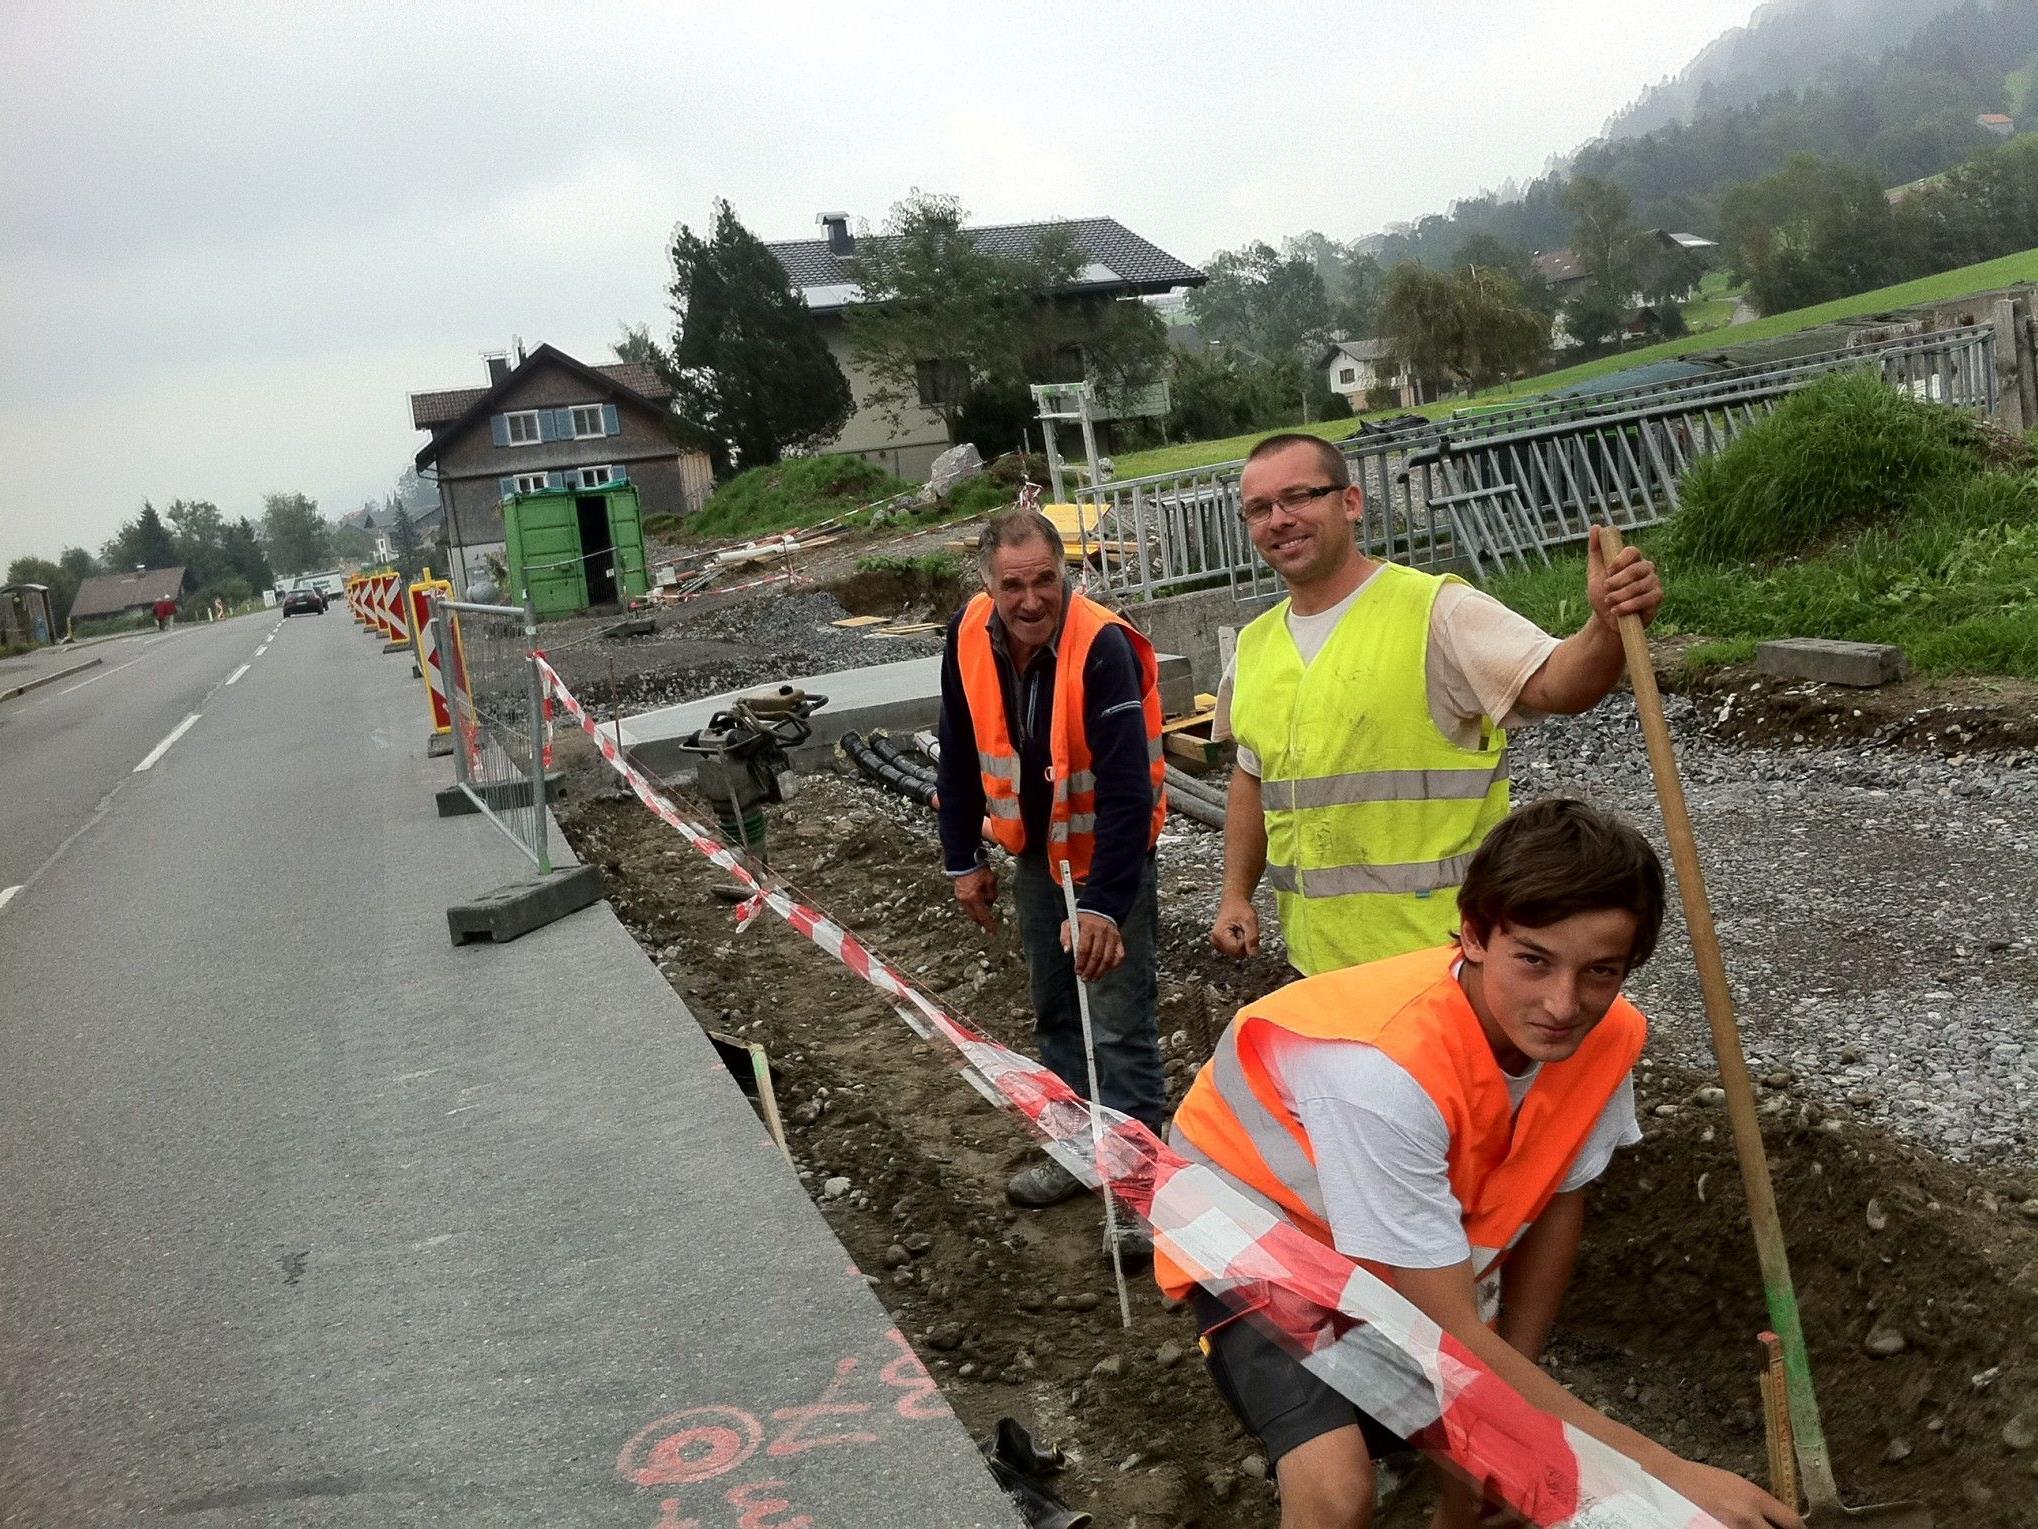 Baupolier Hermann Wittwer (ganz hinten) zeigt sich mit dem Baufortschritt beim Geh-und Radweg zufrieden.